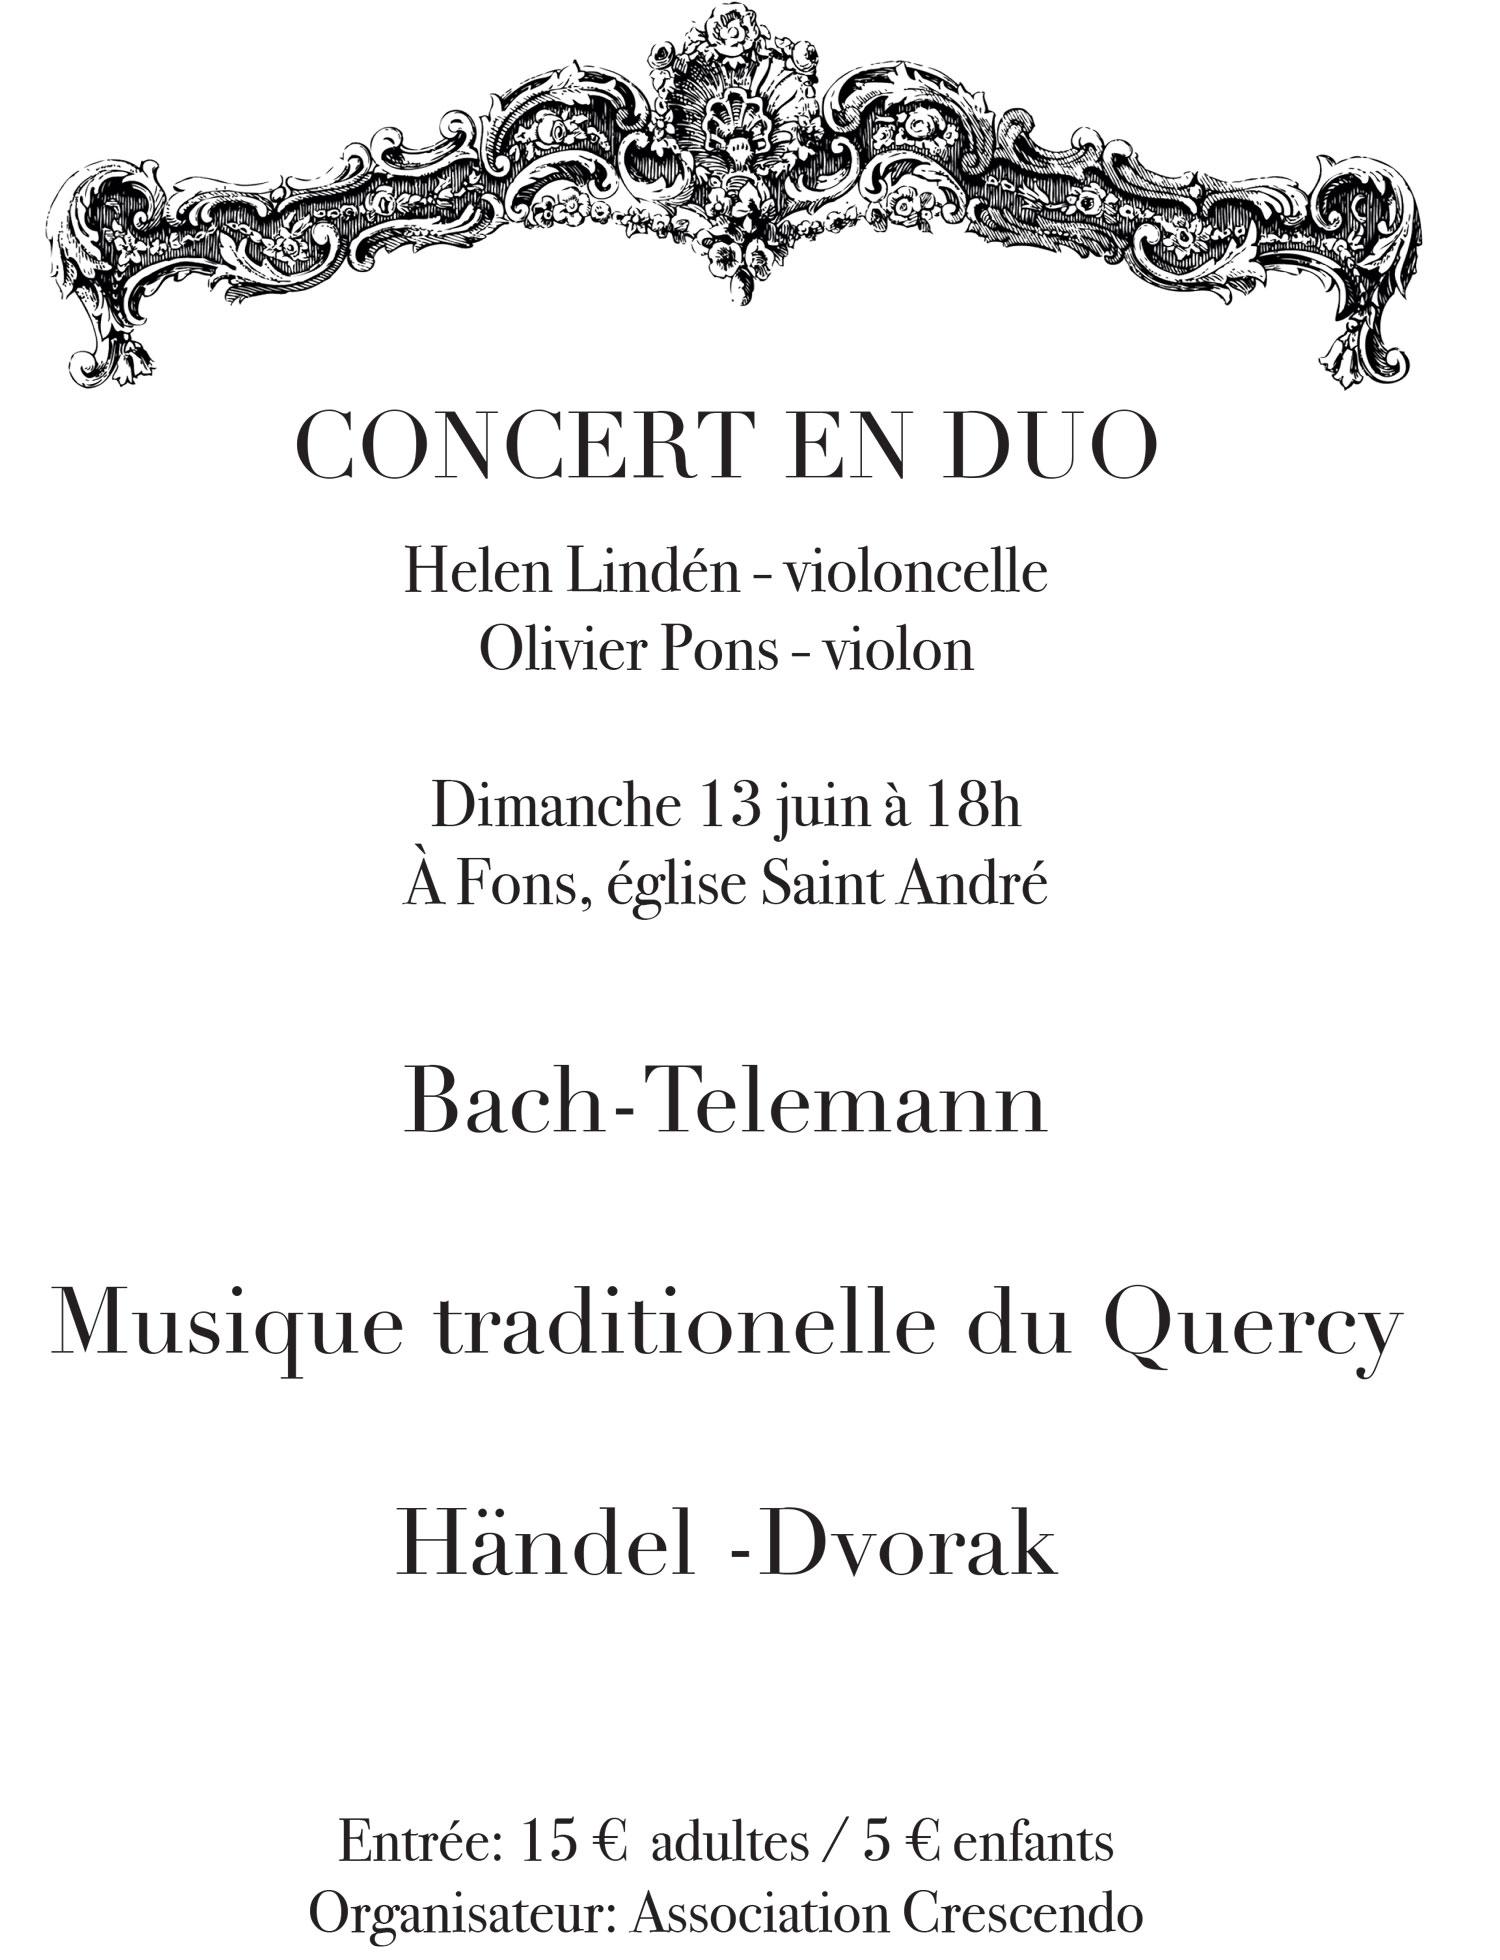 Concert en duo église Saint André à Fons